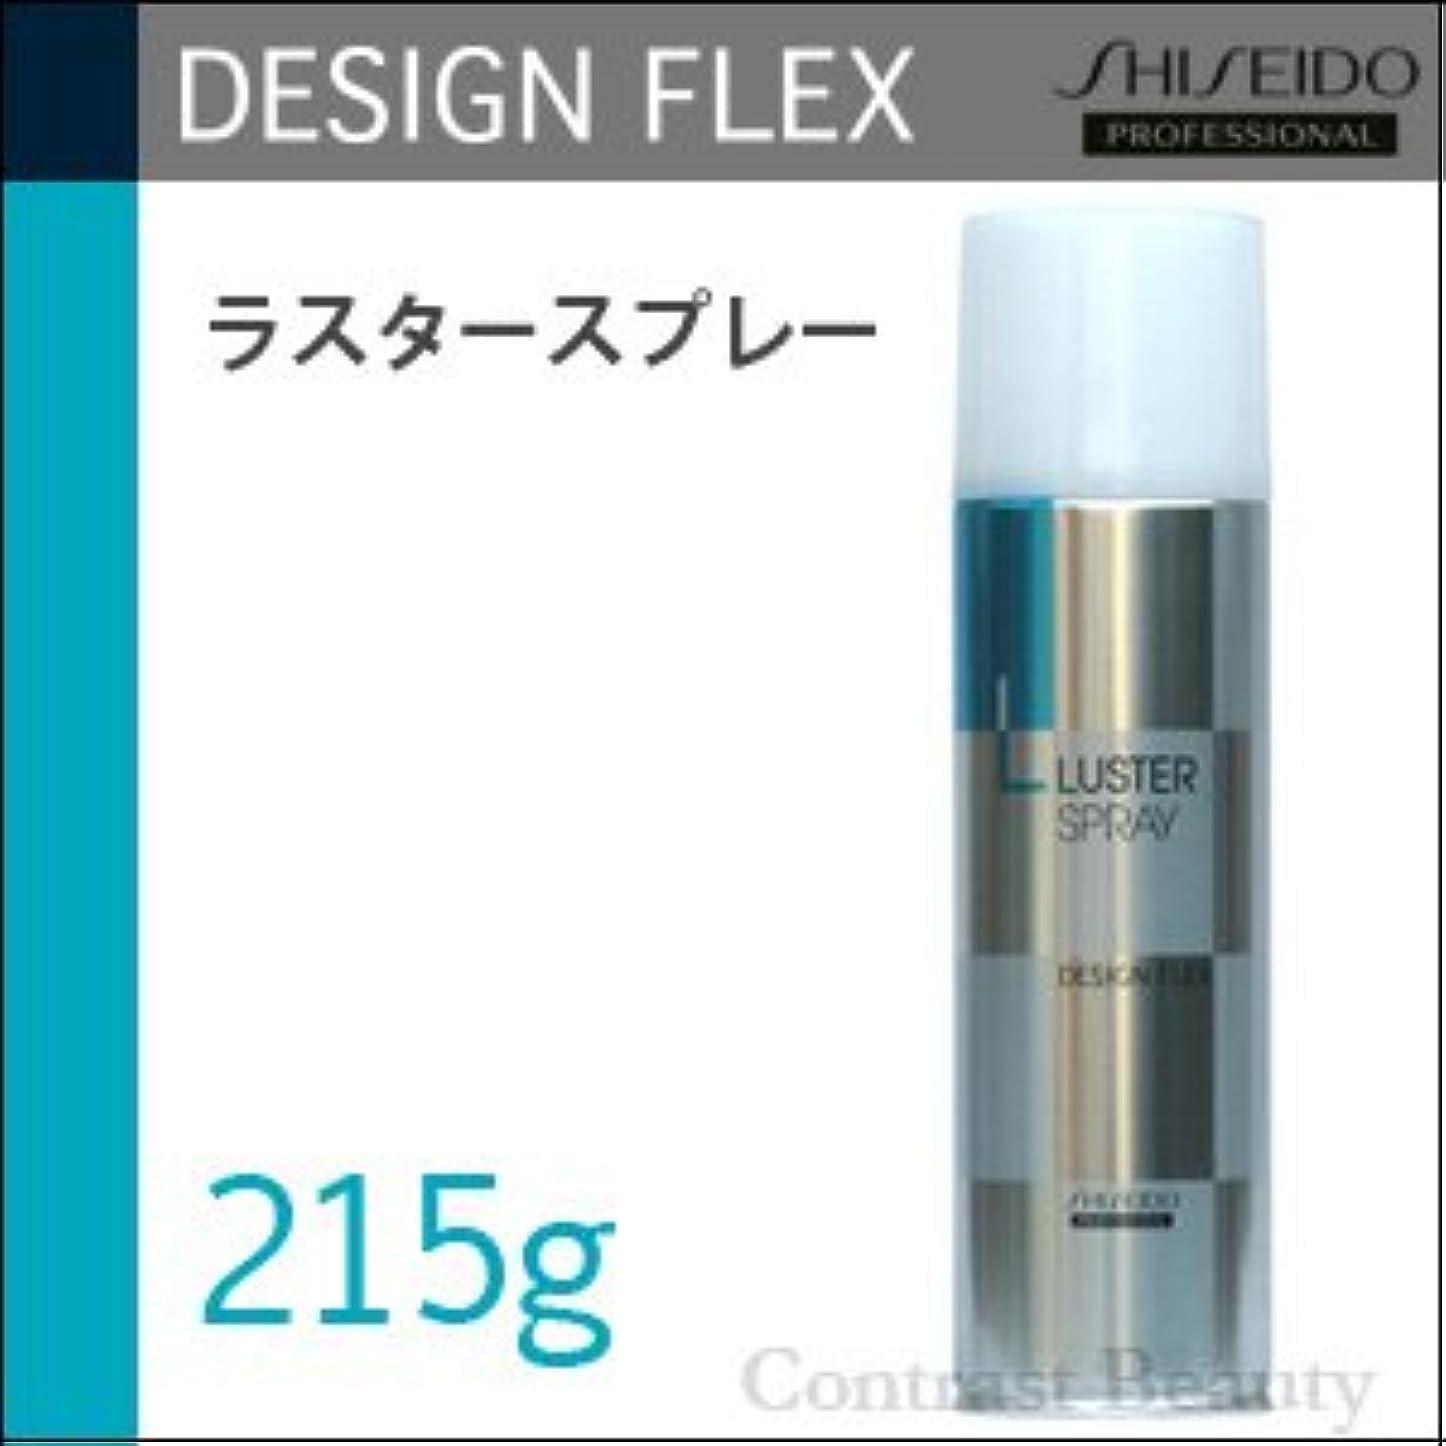 かまど正統派冗長【x4個セット】 資生堂 デザインフレックス ラスタースプレー 215g